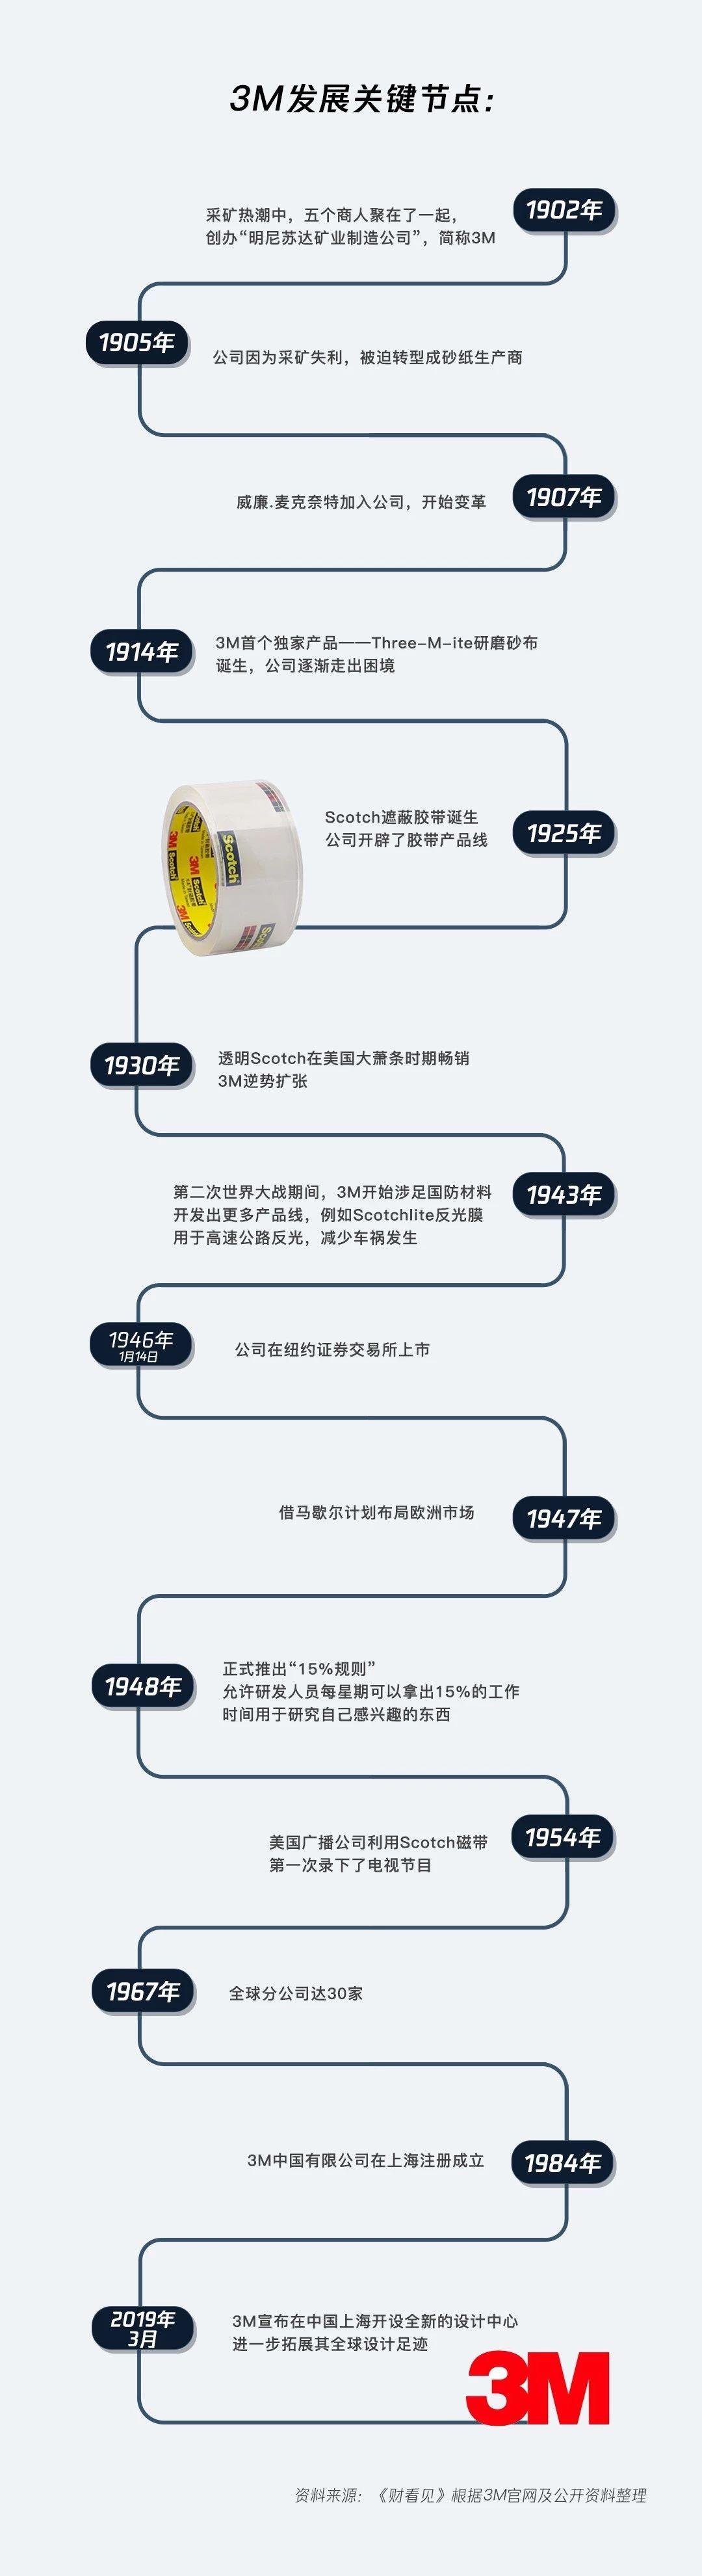 拥有100多年历史10万专利的3M可不是一家口罩公司!